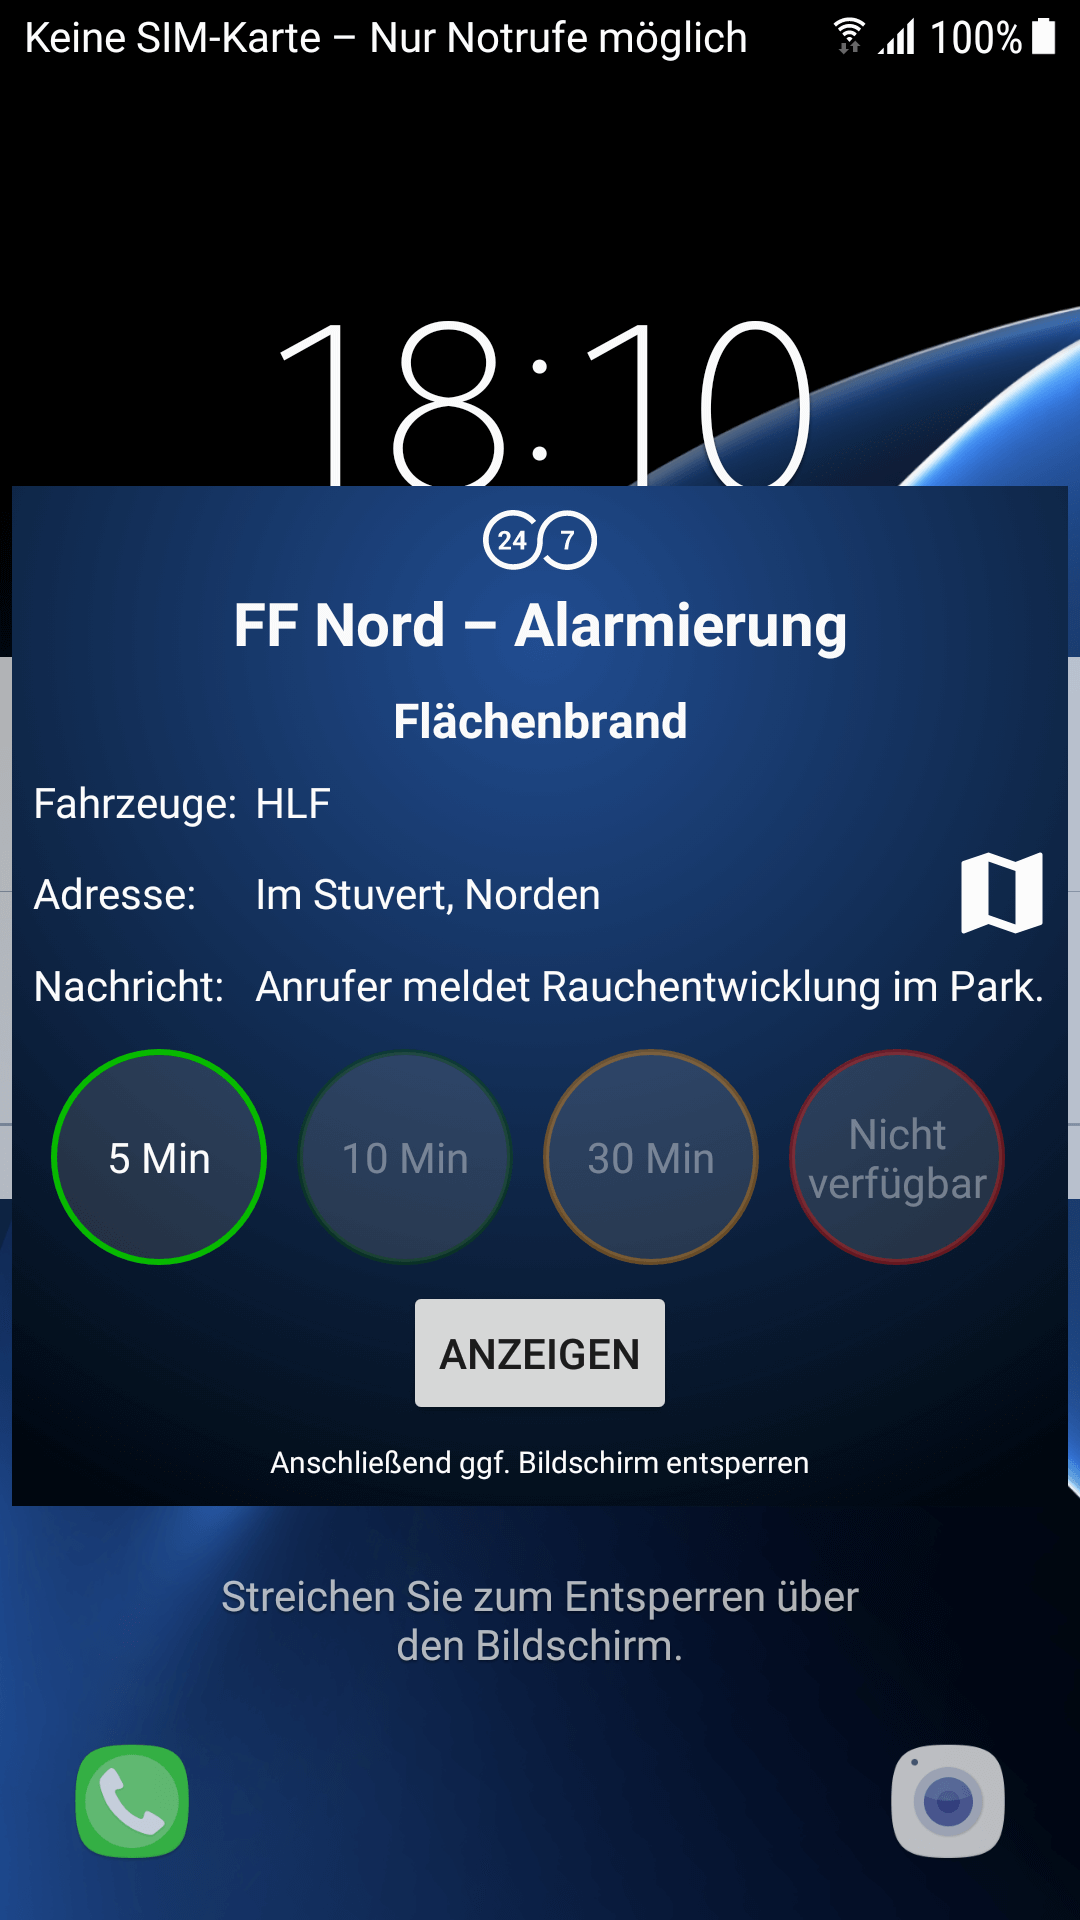 Alarmierungs-App zur Handyalarmierung zeigt die Einsatz-Informationen schon als Pop-Up-Message auf dem Lock-Screen des Android-Smartphones.